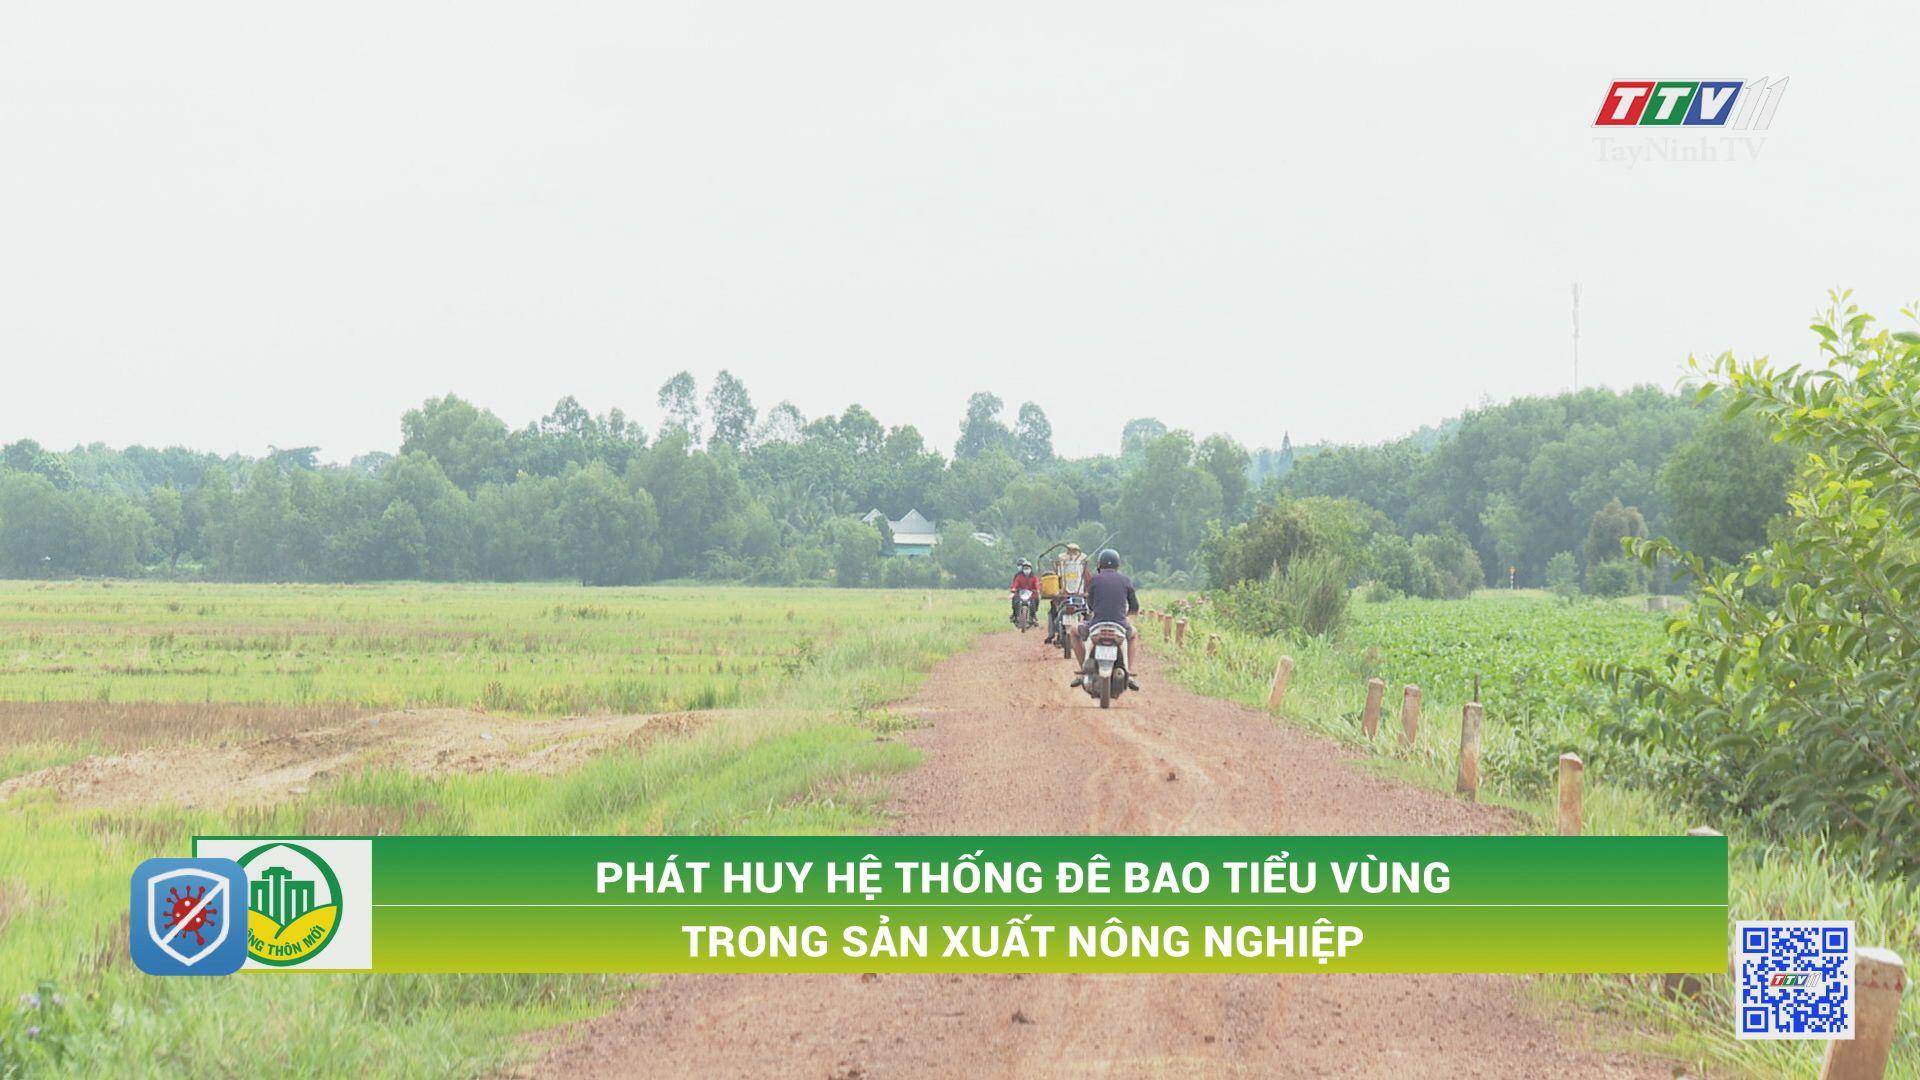 Phát huy hệ thống đê bao tiểu vùng trong sản xuất nông nghiệp | TÂY NINH XÂY DỰNG NÔNG THÔN MỚI | TayNinhTV